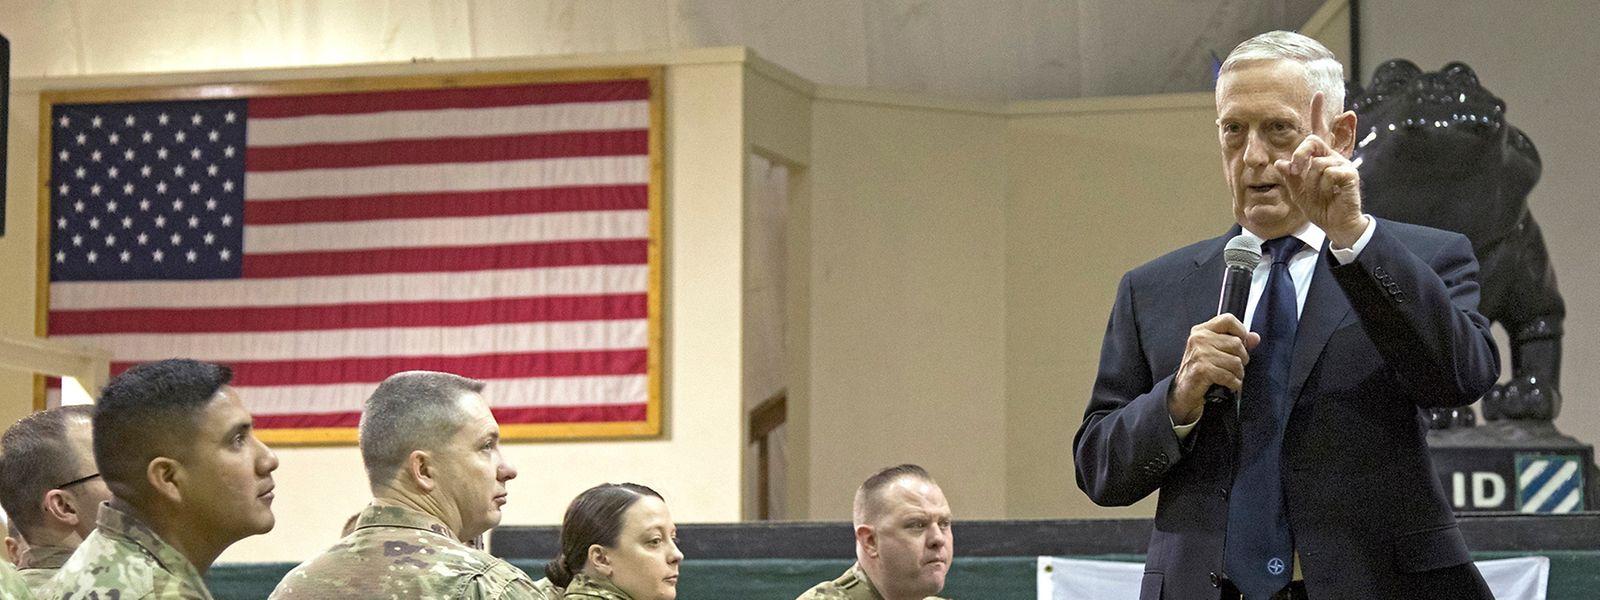 Mattis, spricht bei seinem Besuch in der Bagram Air Base zu US-Soldaten.